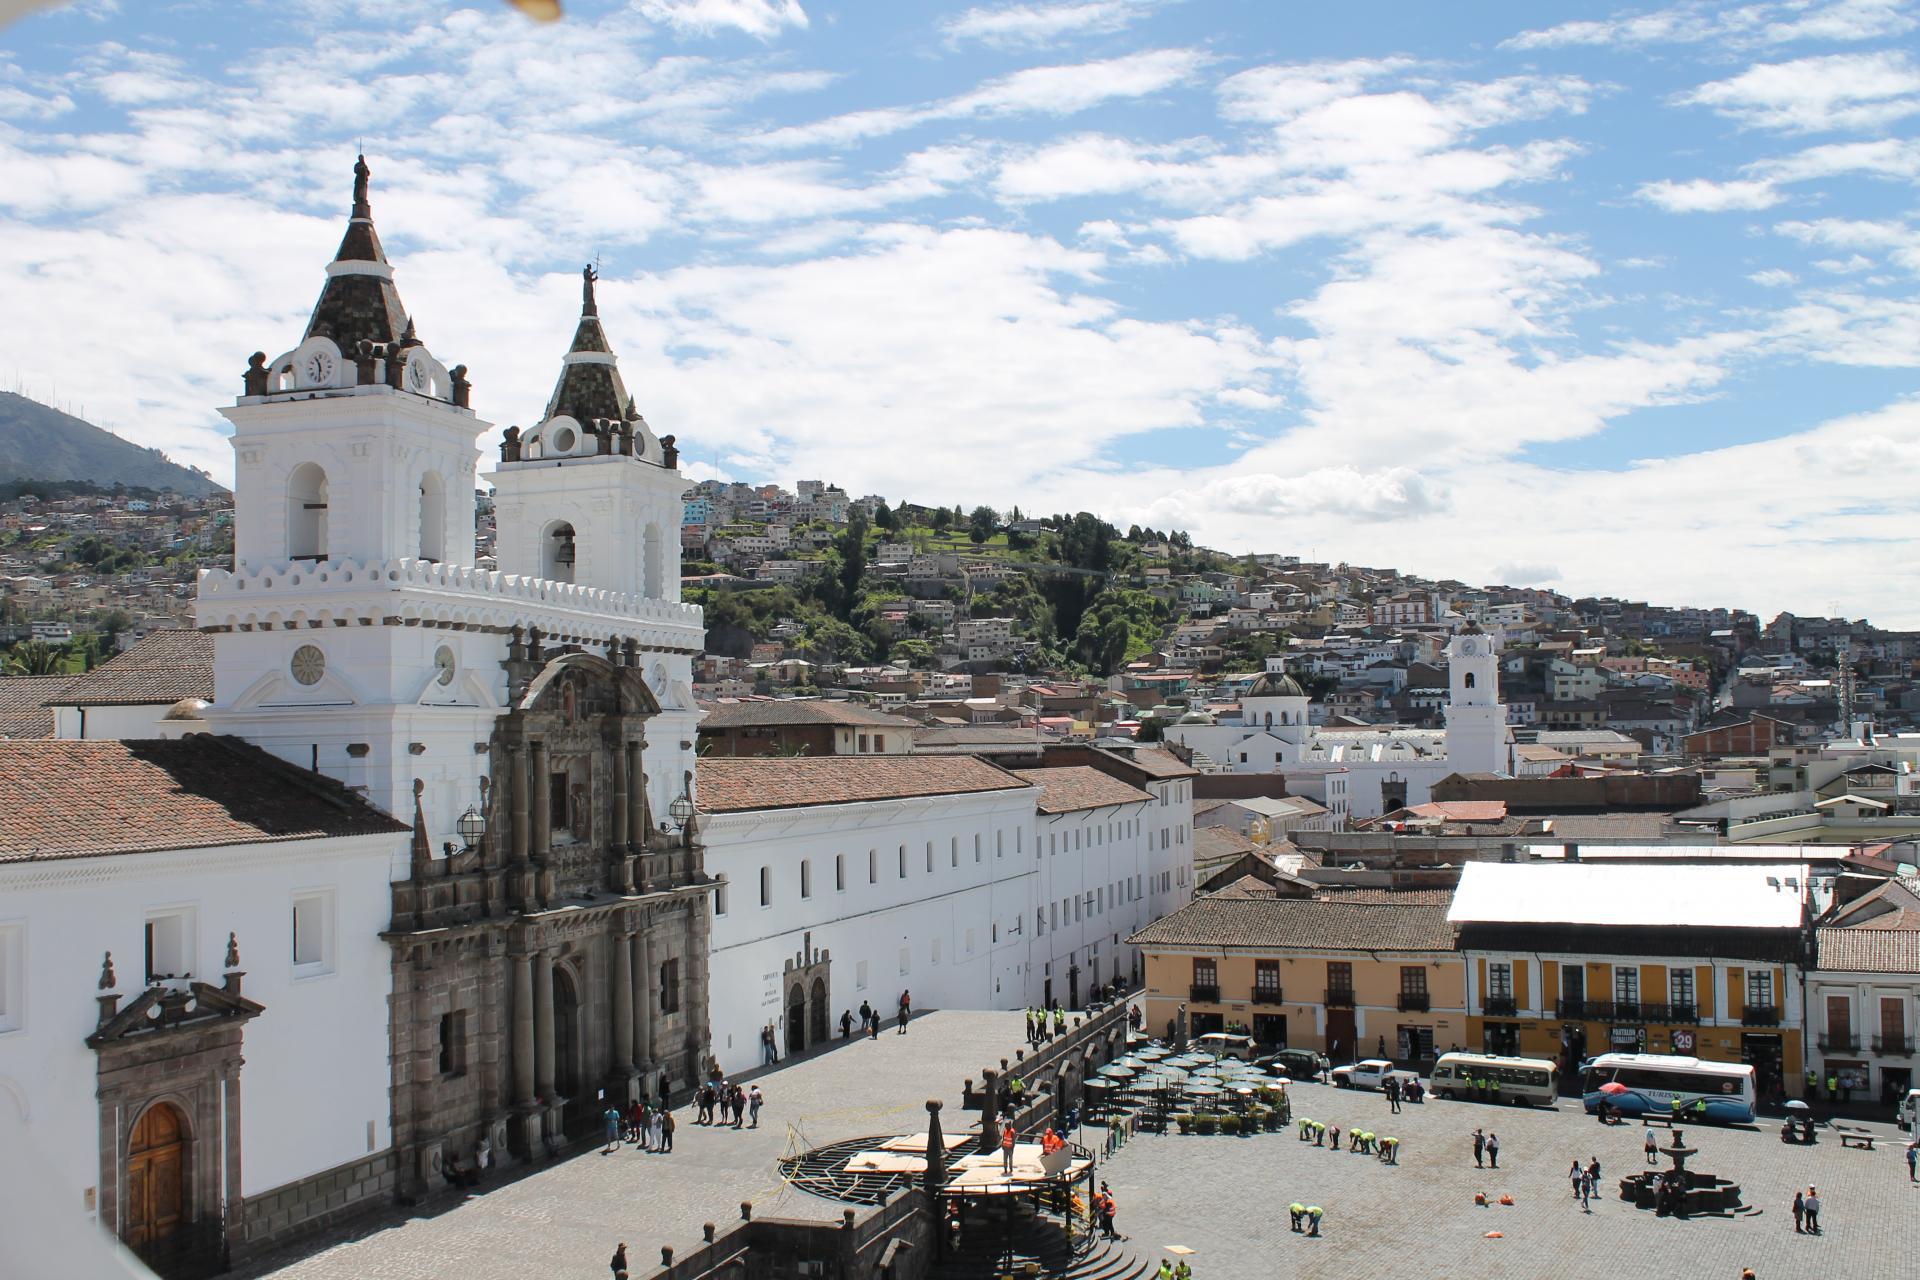 Entdecken Sie die Sehenswürdigkeiten der Hauptstadt Ecuadors auf einer Rundreise